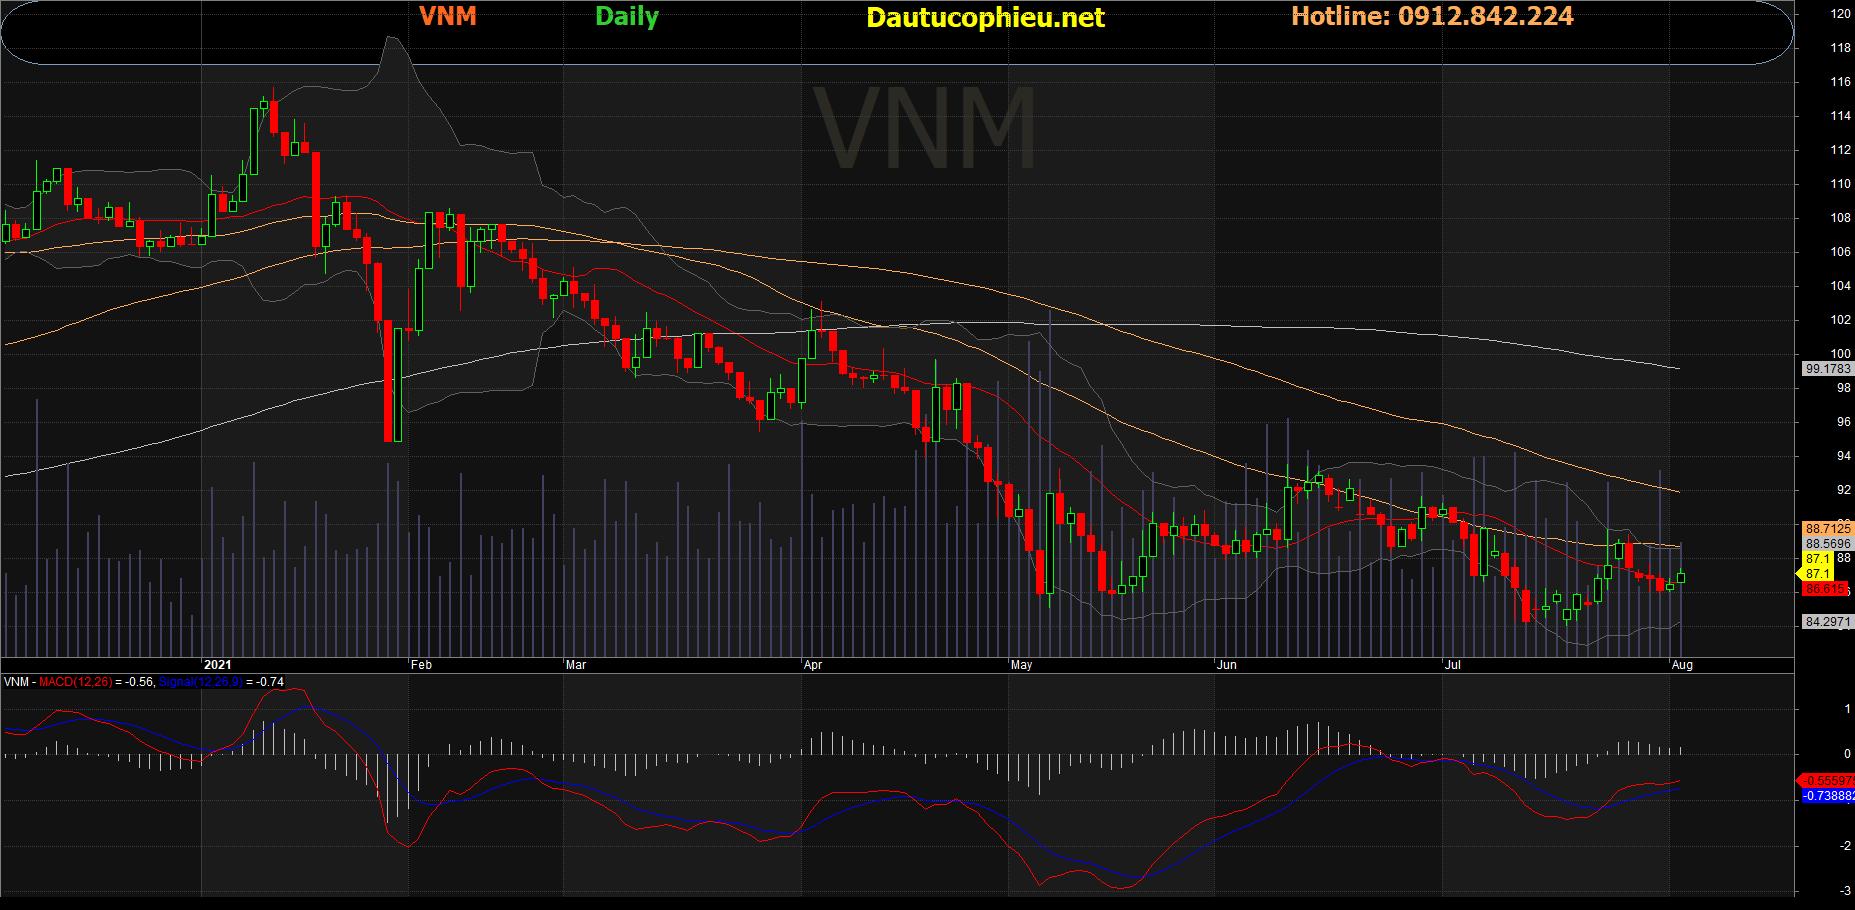 Đồ thị cổ phiếu VNM phiên giao dịch ngày 03/08/2021. Nguồn: AmiBroker